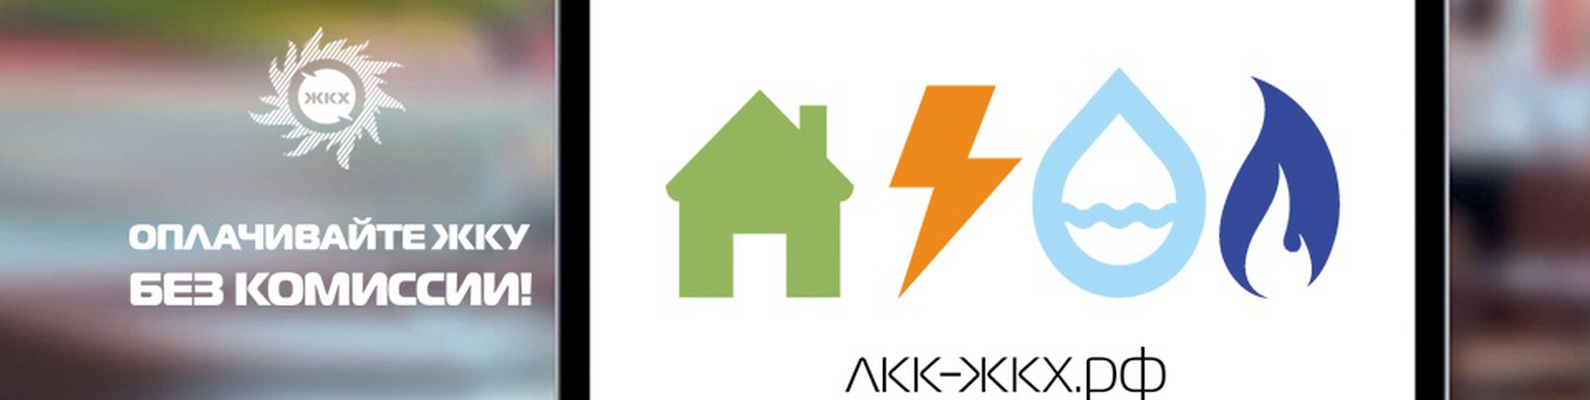 бланк квитанции оао мосэнергосбыт на оплату электроэнергии